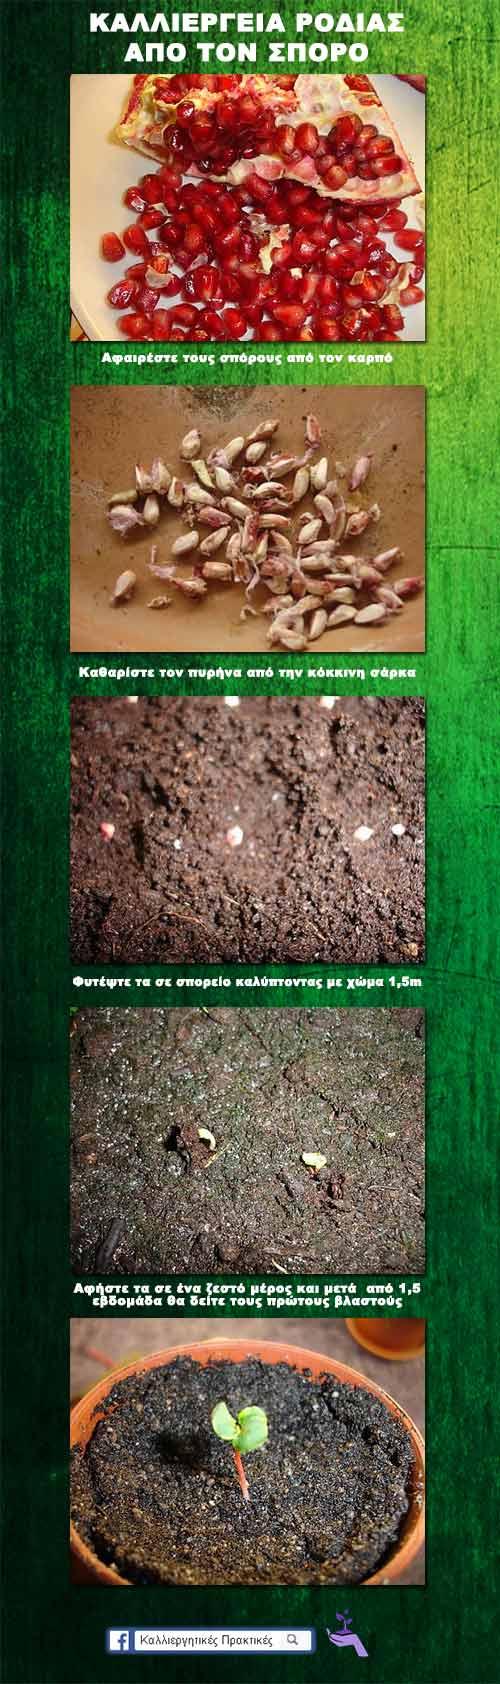 Καλλιέργεια ροδιάς απο το σπόρο σε εικόνες